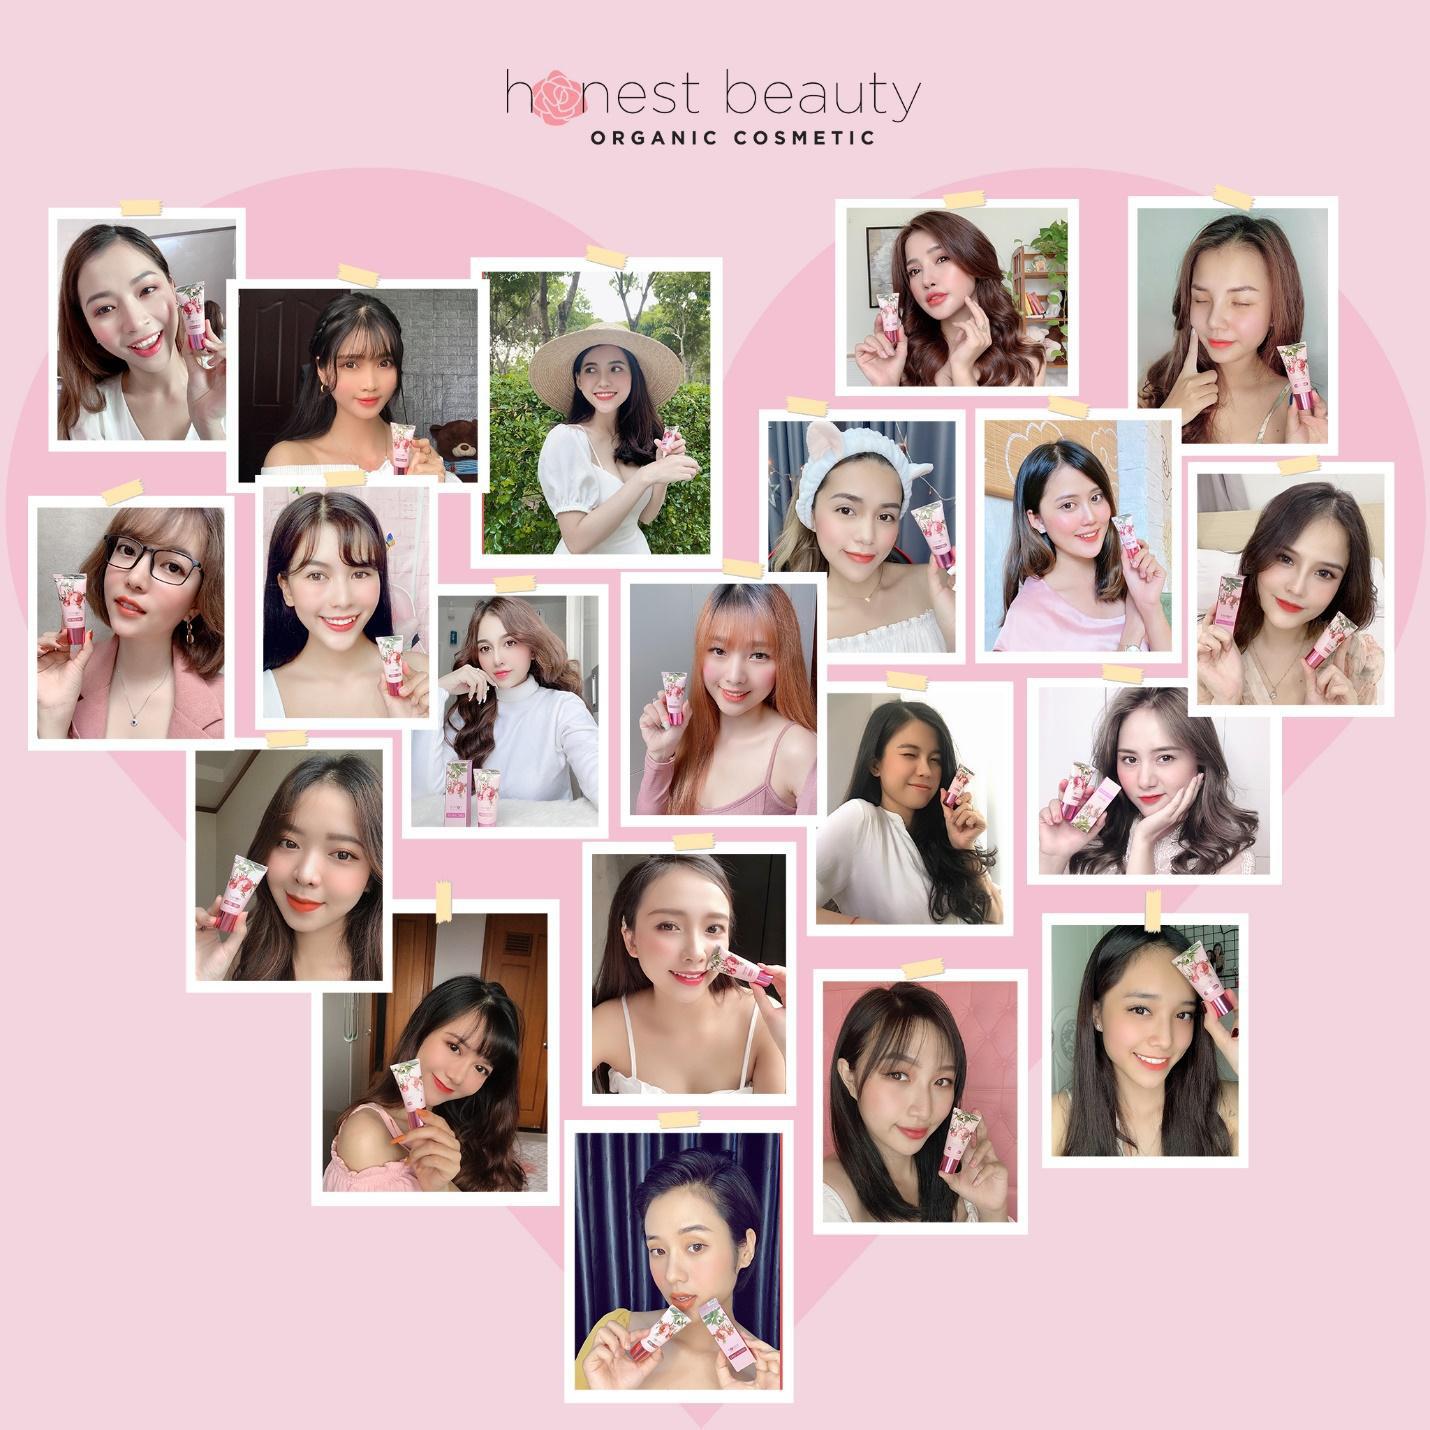 Giải mã cơn sốt kem dưỡng má hồng được hàng loạt beauty blogger săn đón - Ảnh 5.